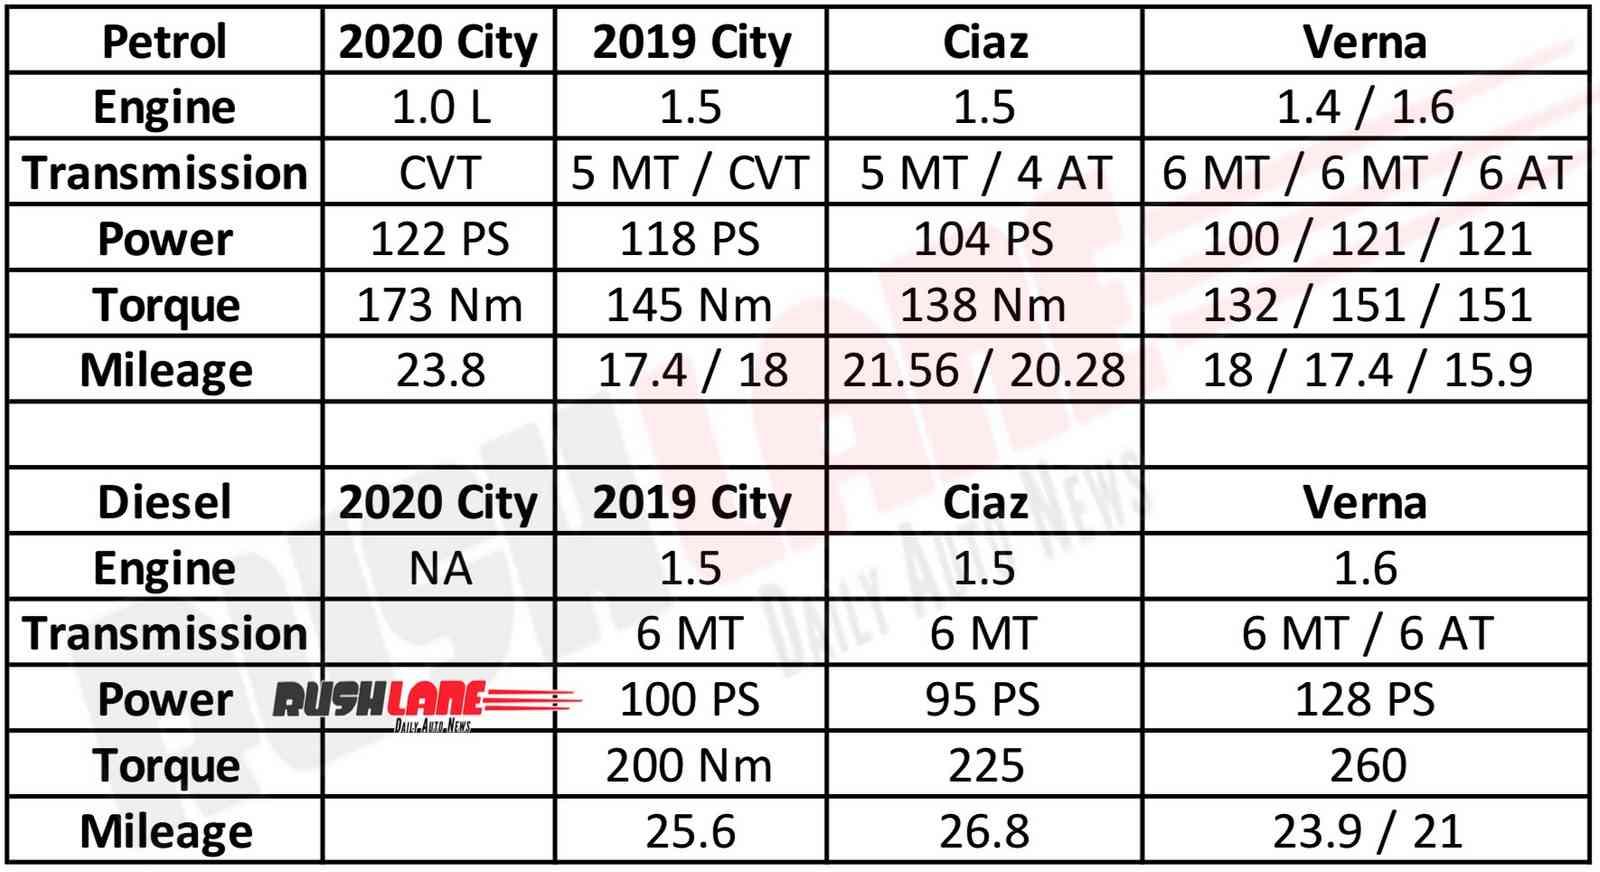 2020 Honda City vs Hyundai Verna vs Maruti Ciaz